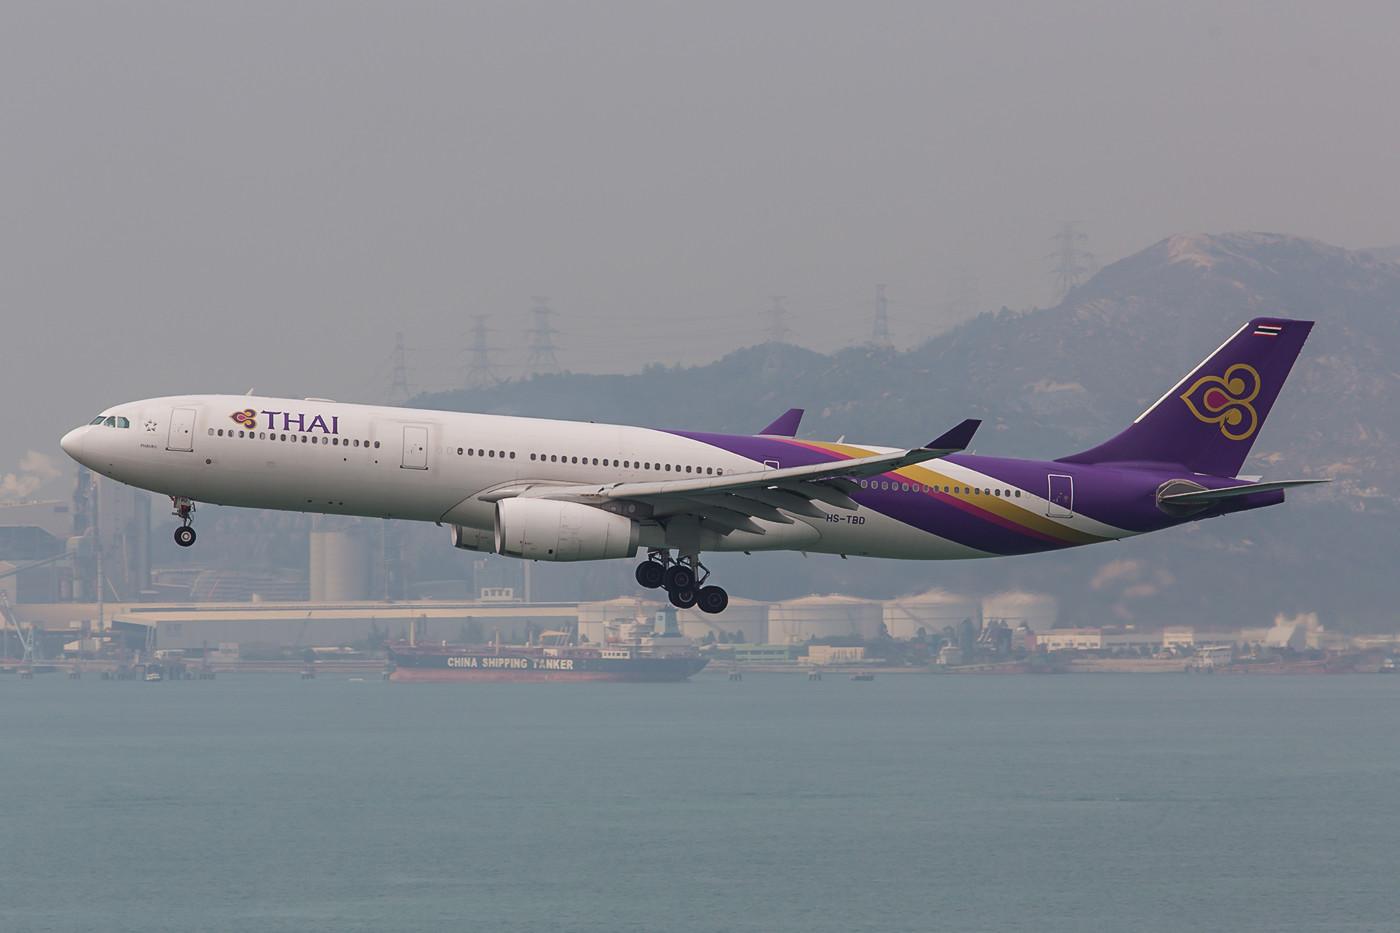 Da man bei Thai Airways ja nichts kleineres hat, fliegt auch auf der Bangkok-Route ein A 330.